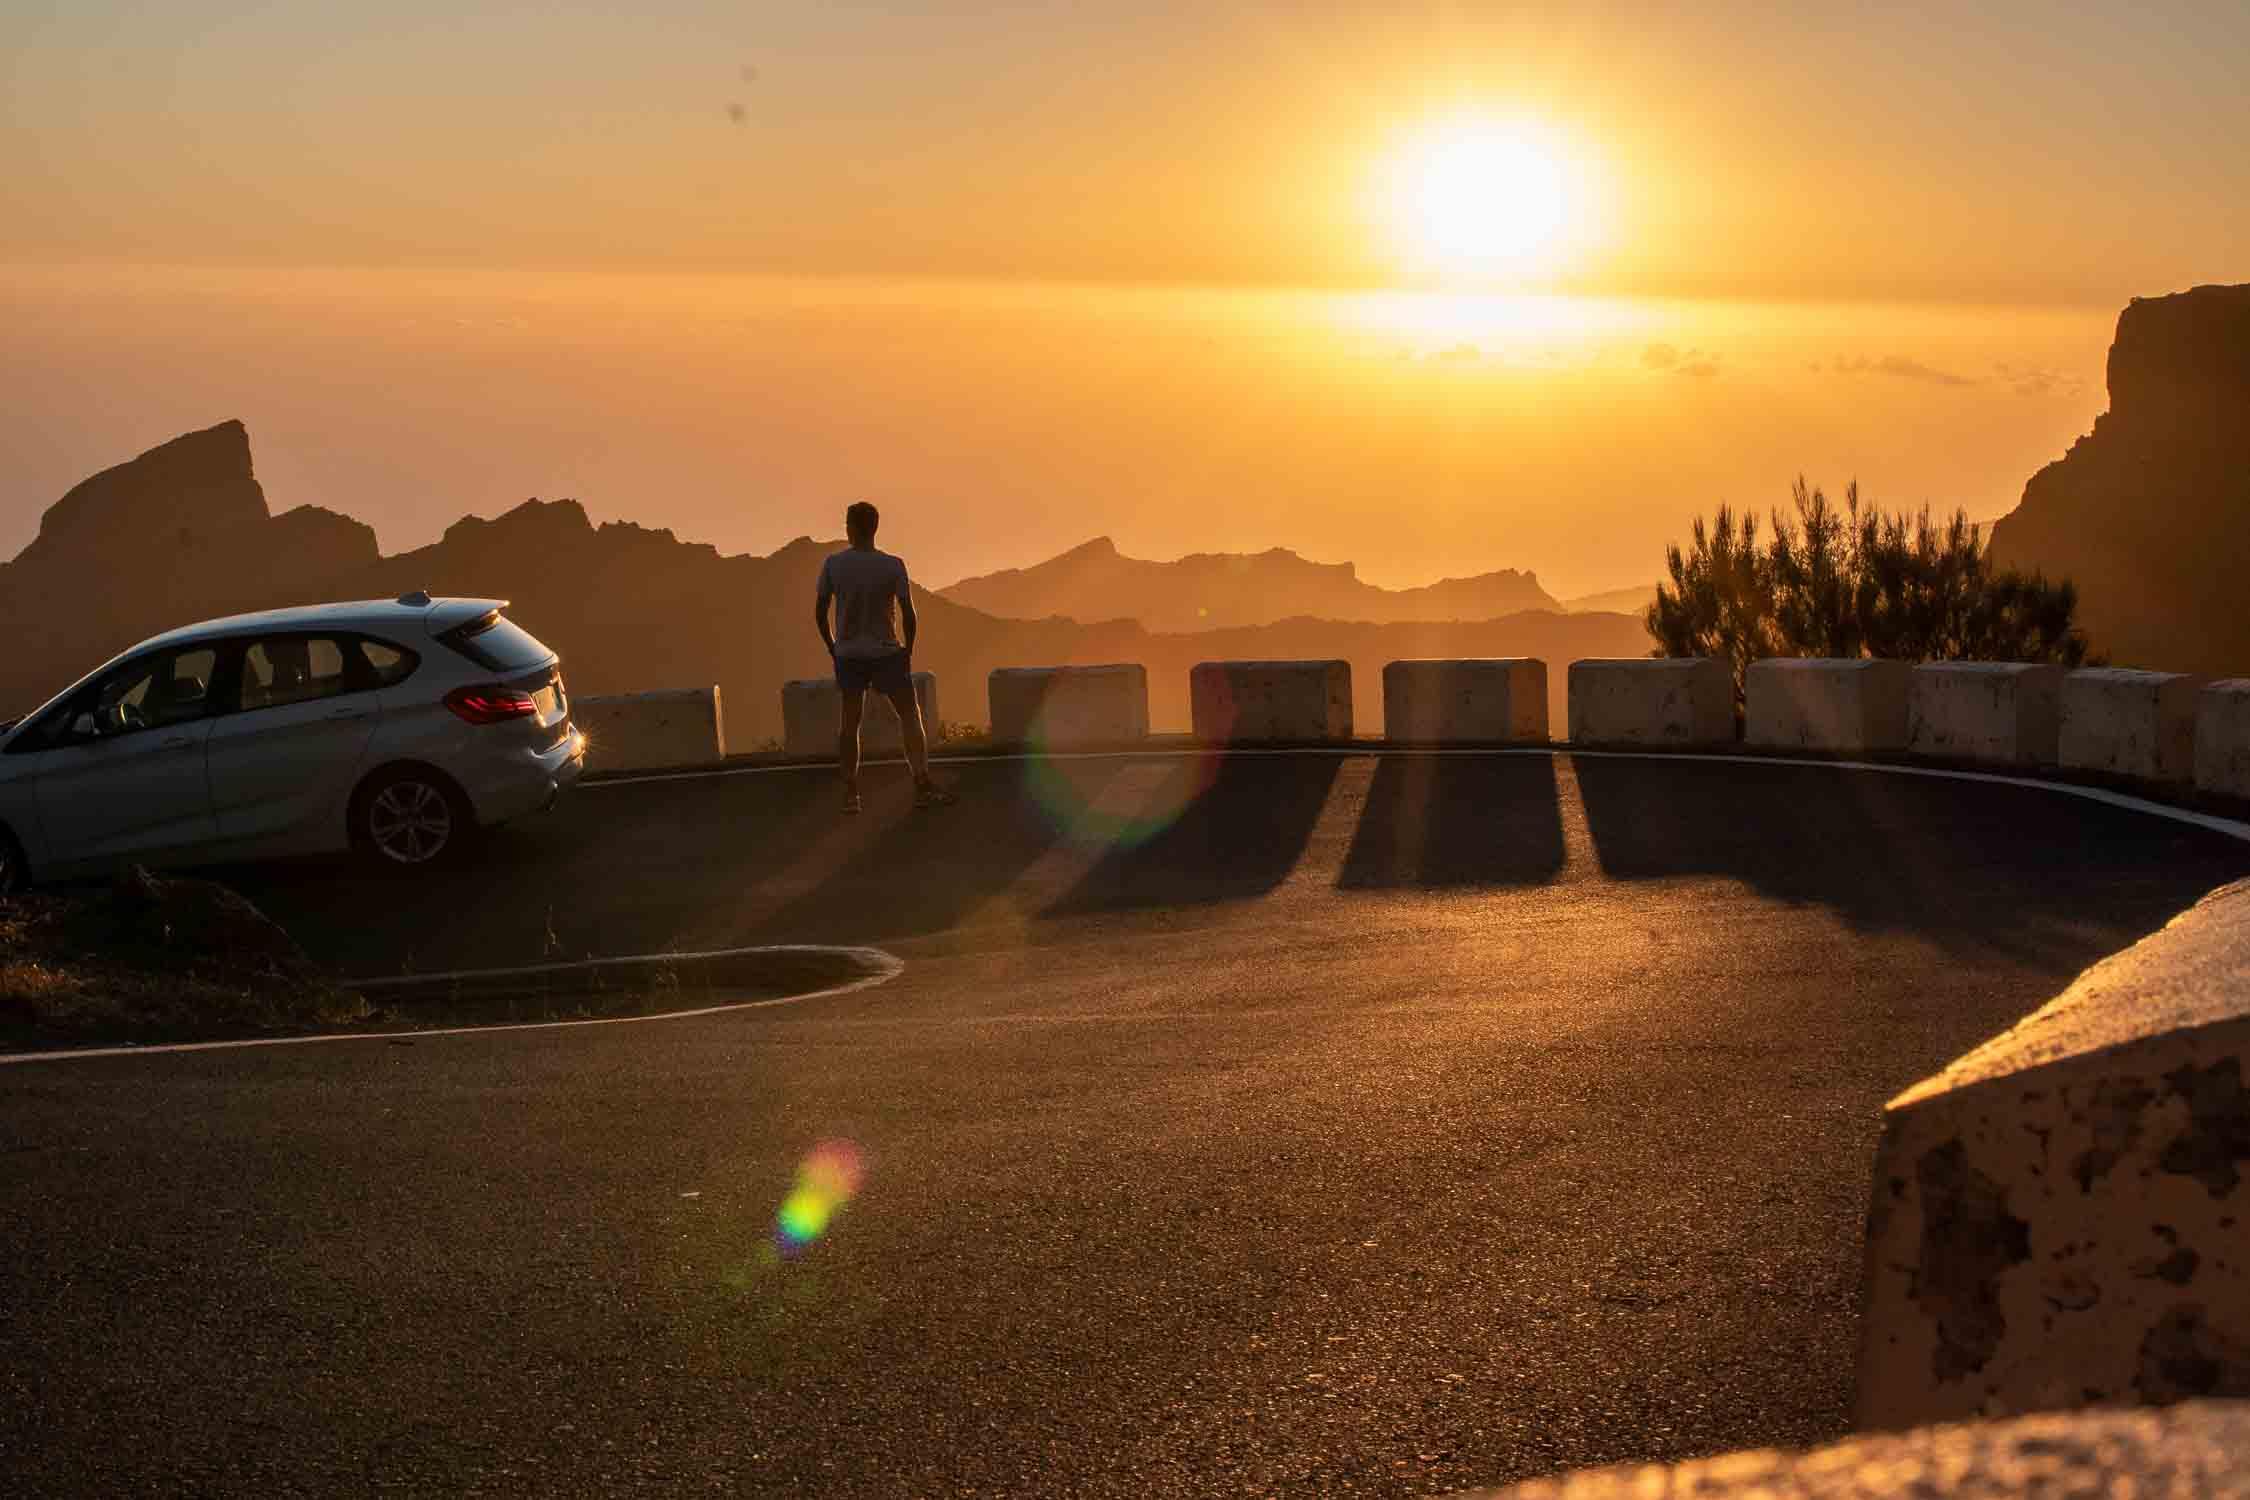 Corona Risikogebiet Keine Quarantäne mehr nach Einreise The Travel Happiness